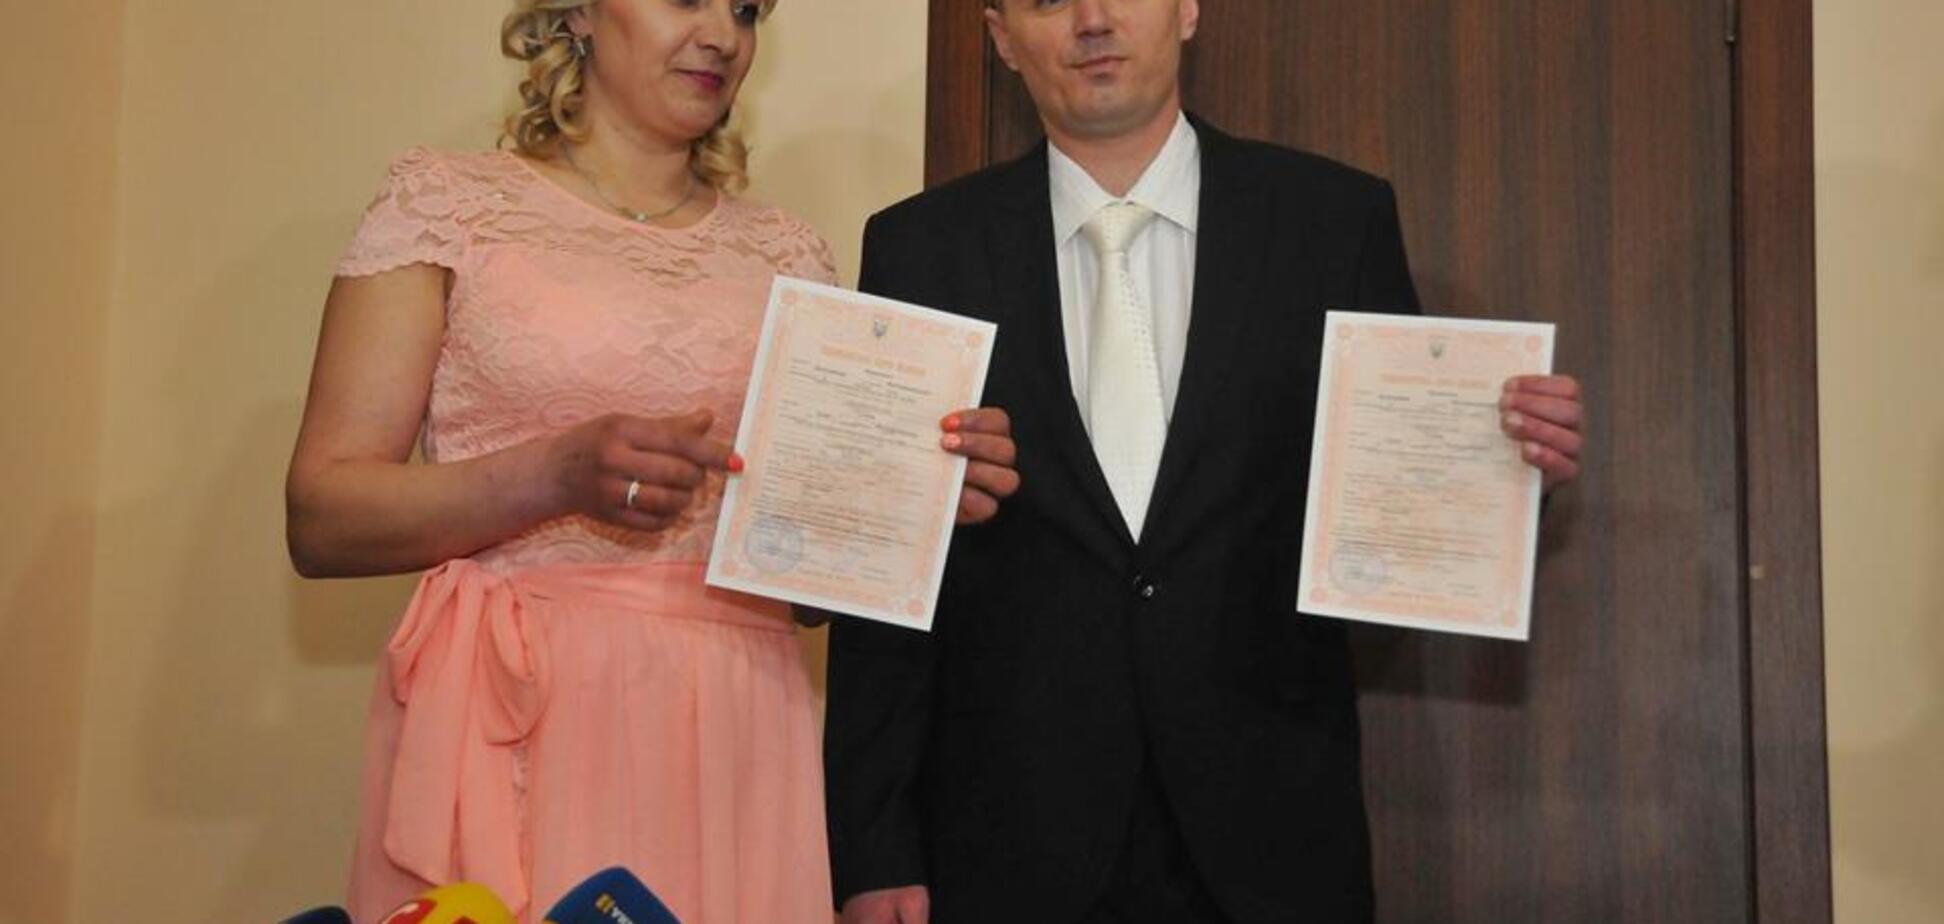 Довічно засуджений вбивця одружився в Харкові: фото і відео унікального весілля